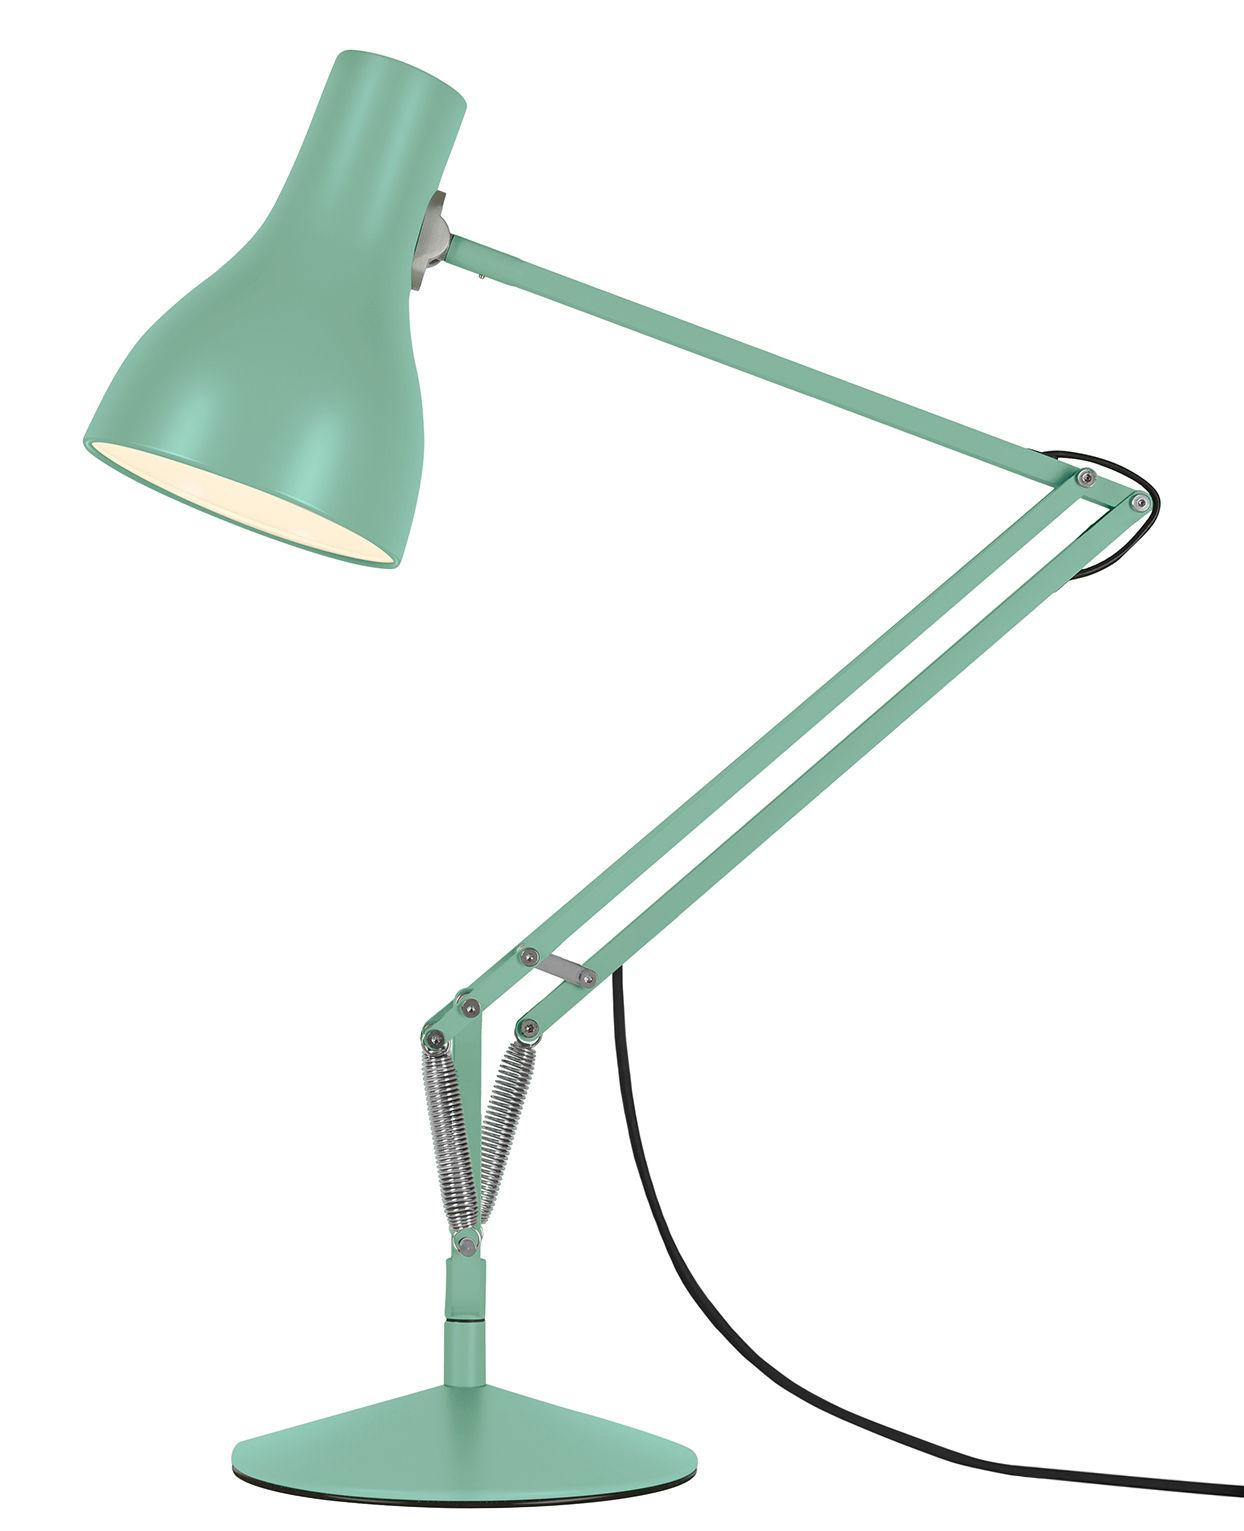 Lampada da tavolo type 75 di anglepoise verde made in design for Lampada da tavolo verde